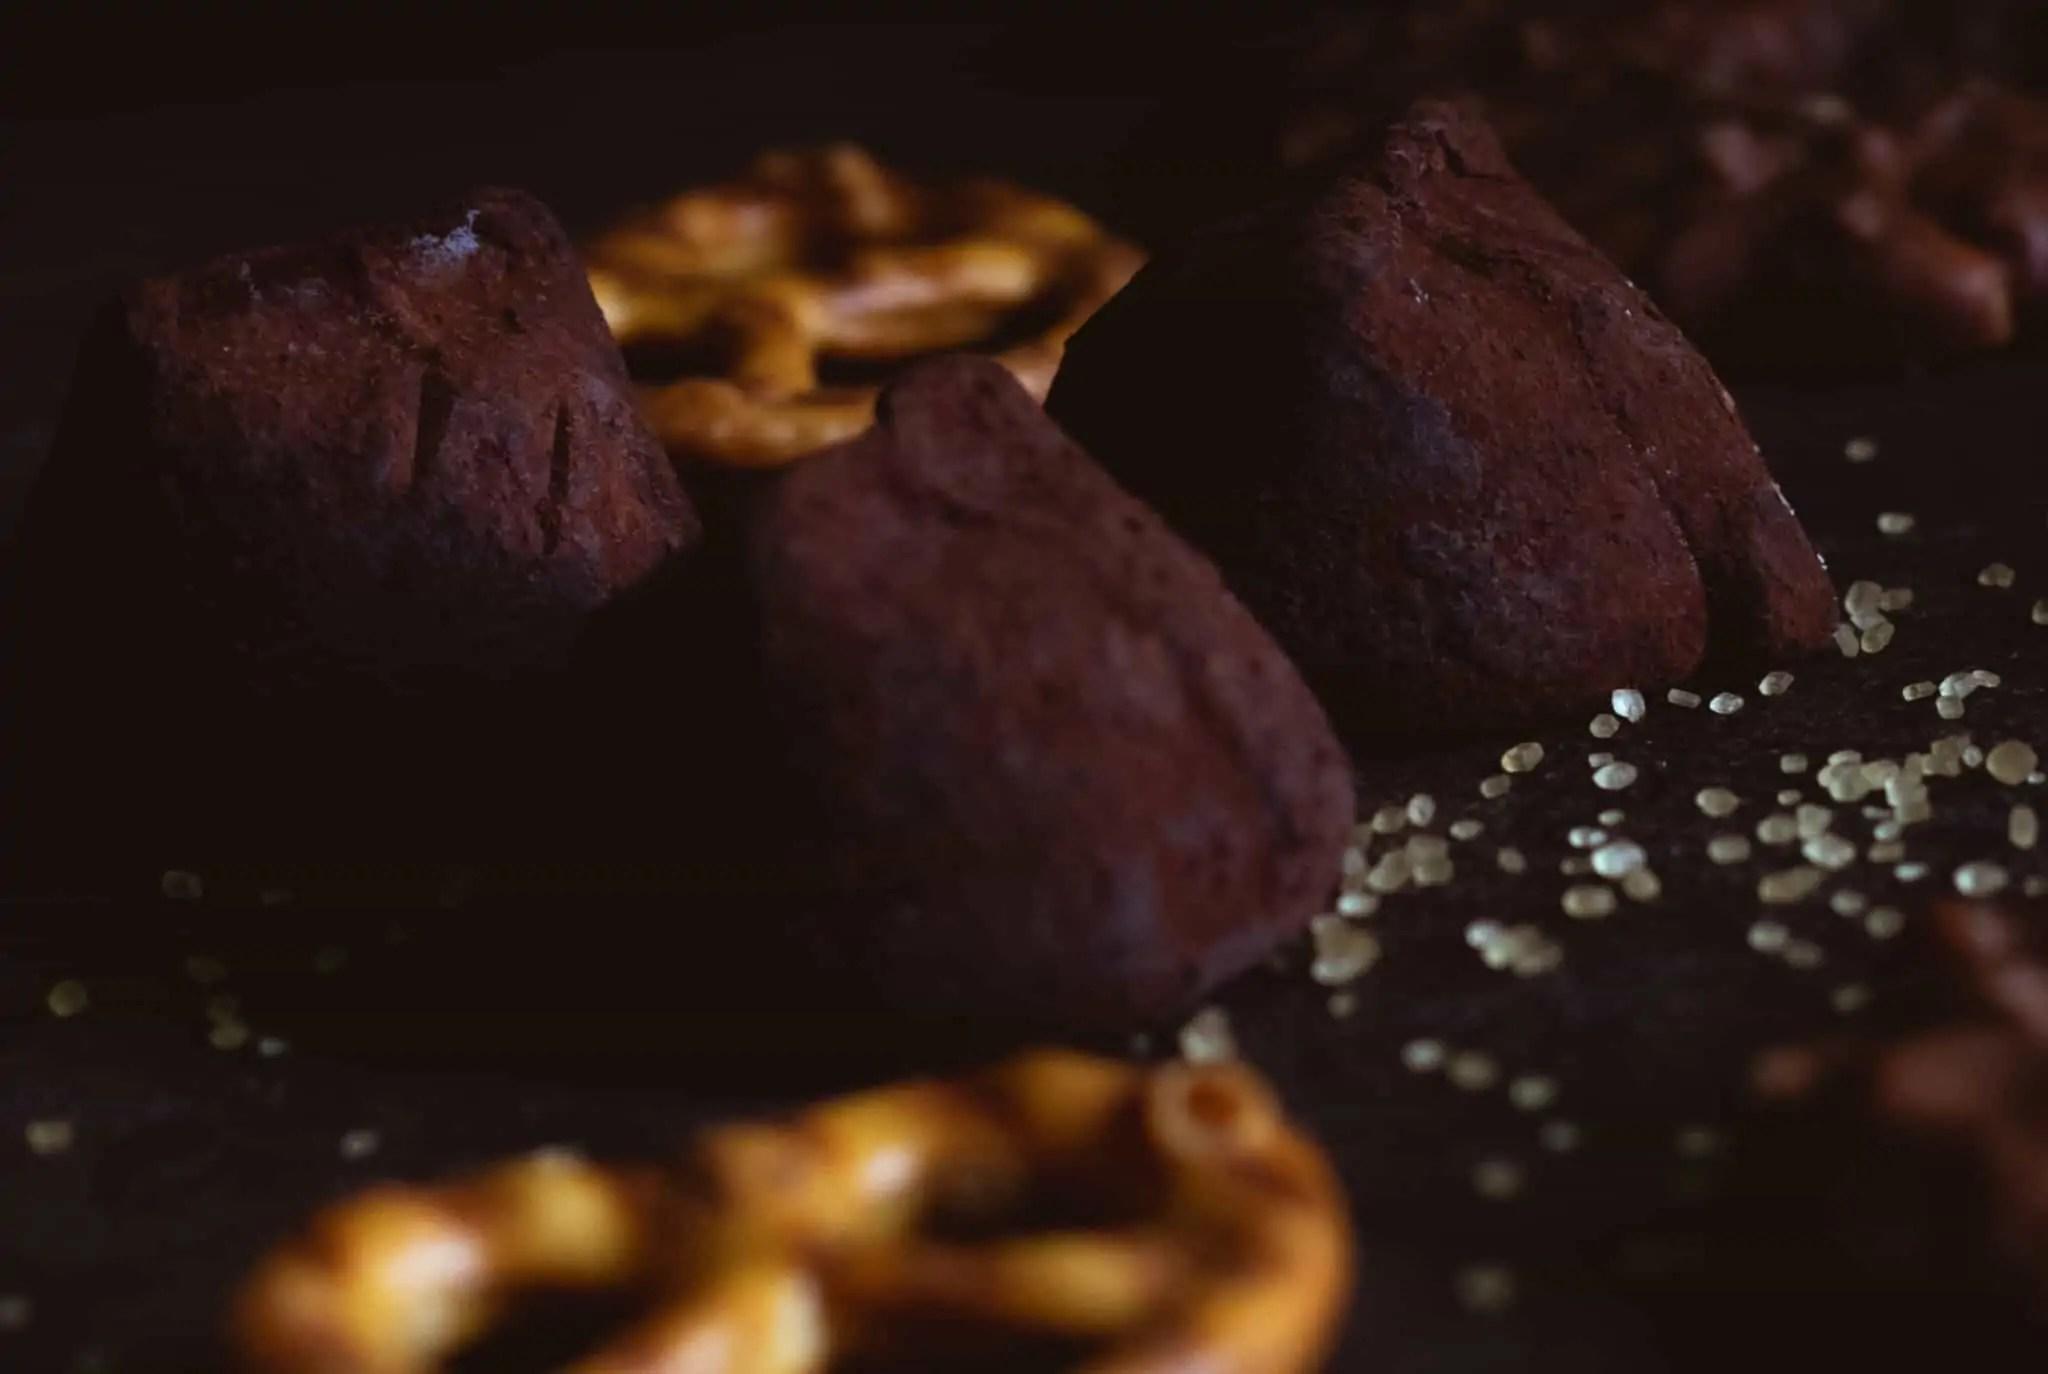 Czarna fotografia jedzenia czekolada precelki i ciastka 11 scaled - Czarna fotografia jedzenia